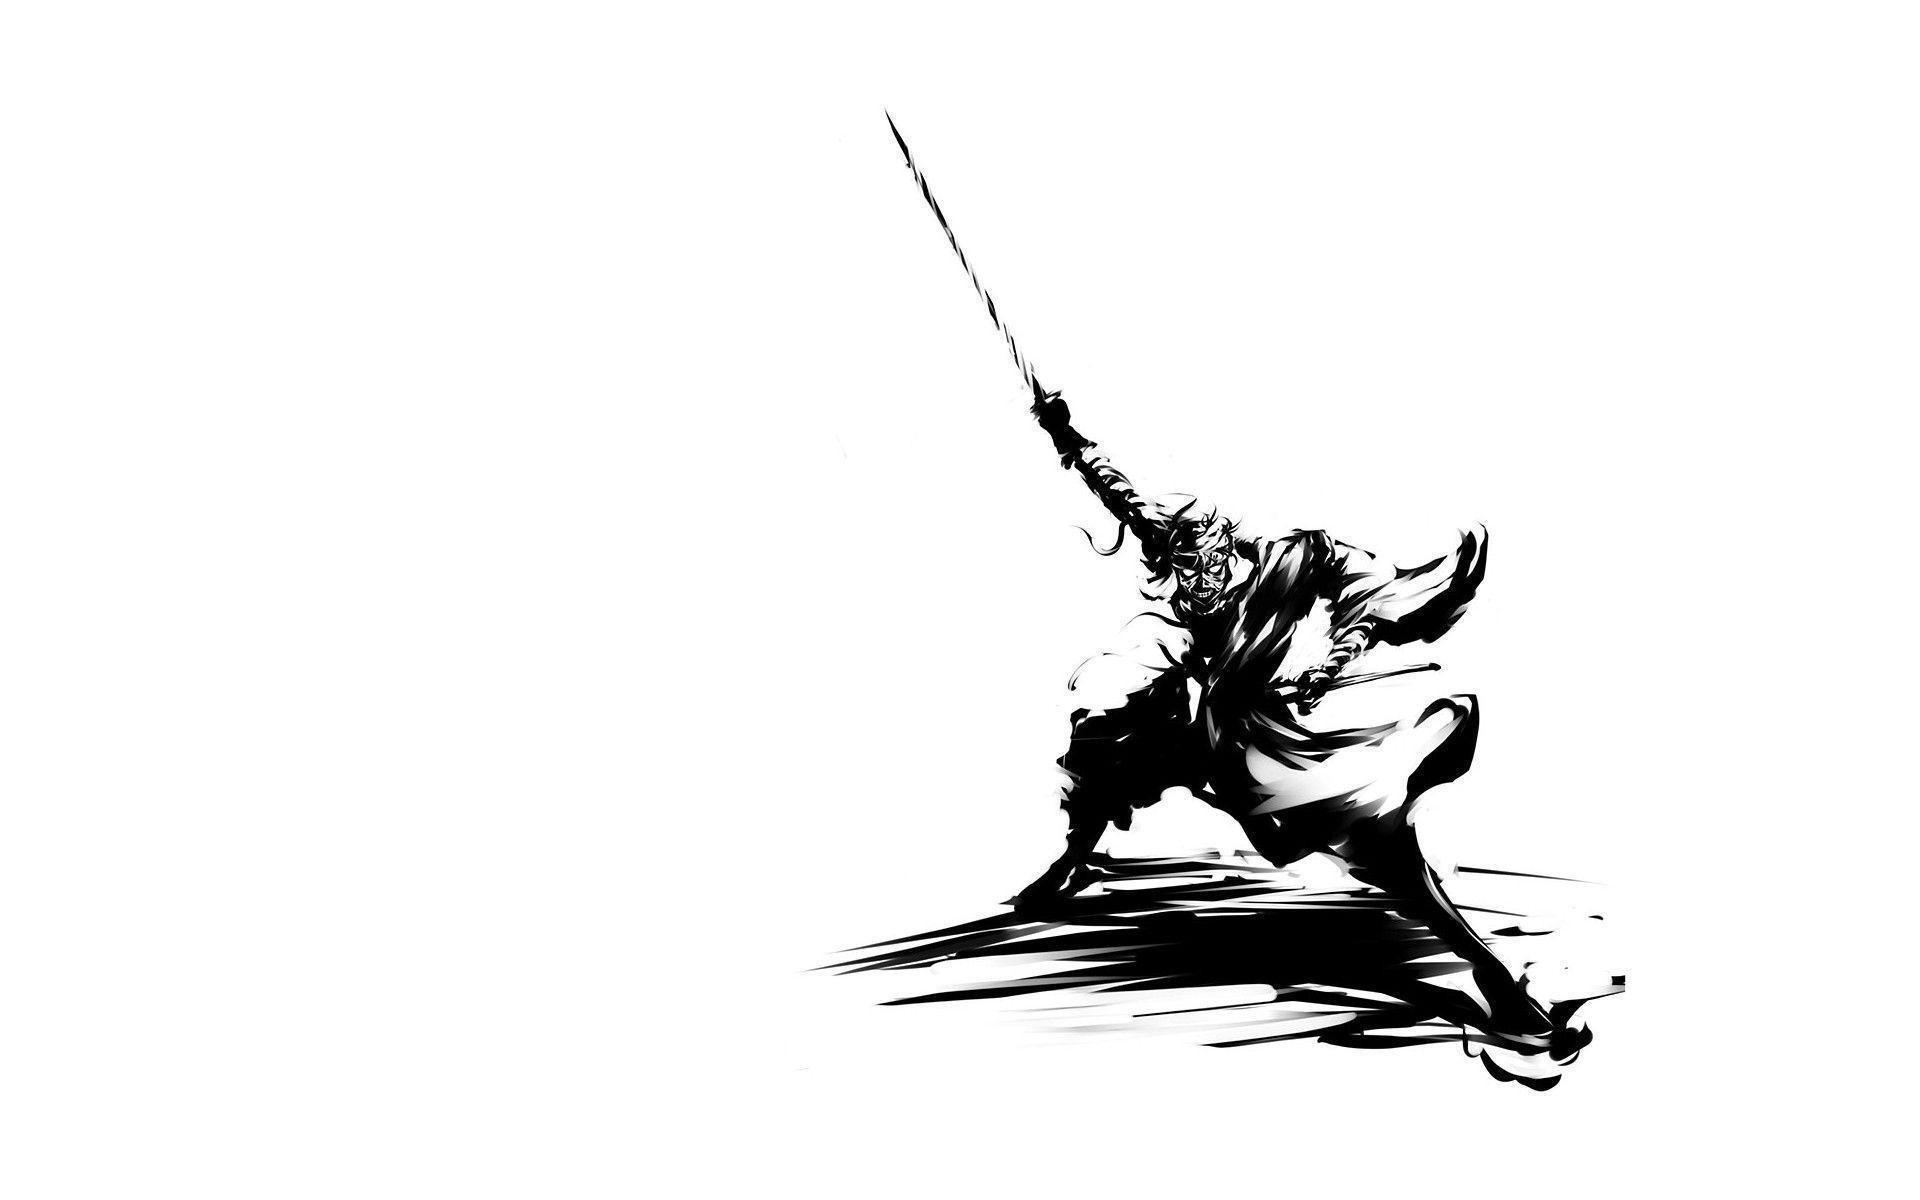 Rurouni kenshin download Wallpaper | HD Wallpapers, backgrounds .